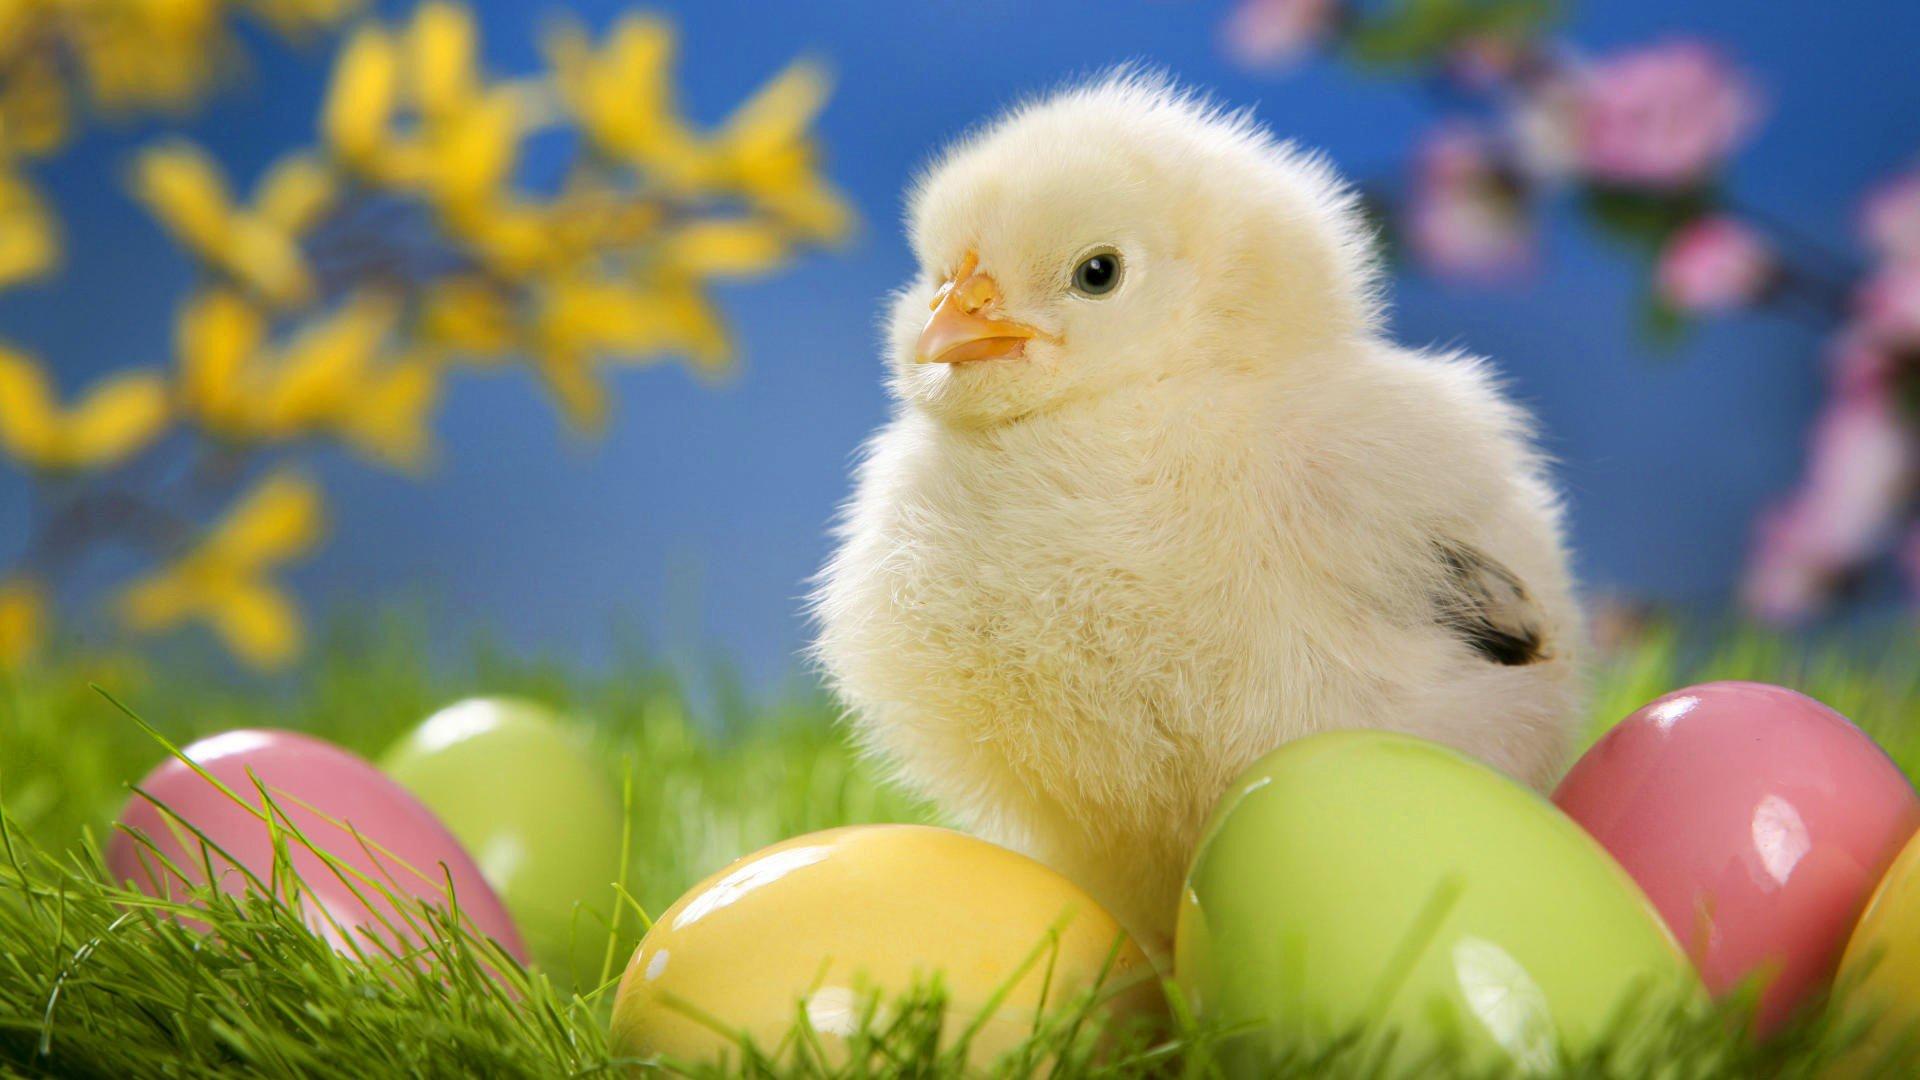 картинки на пасху с цыплятами потом певице повернулись